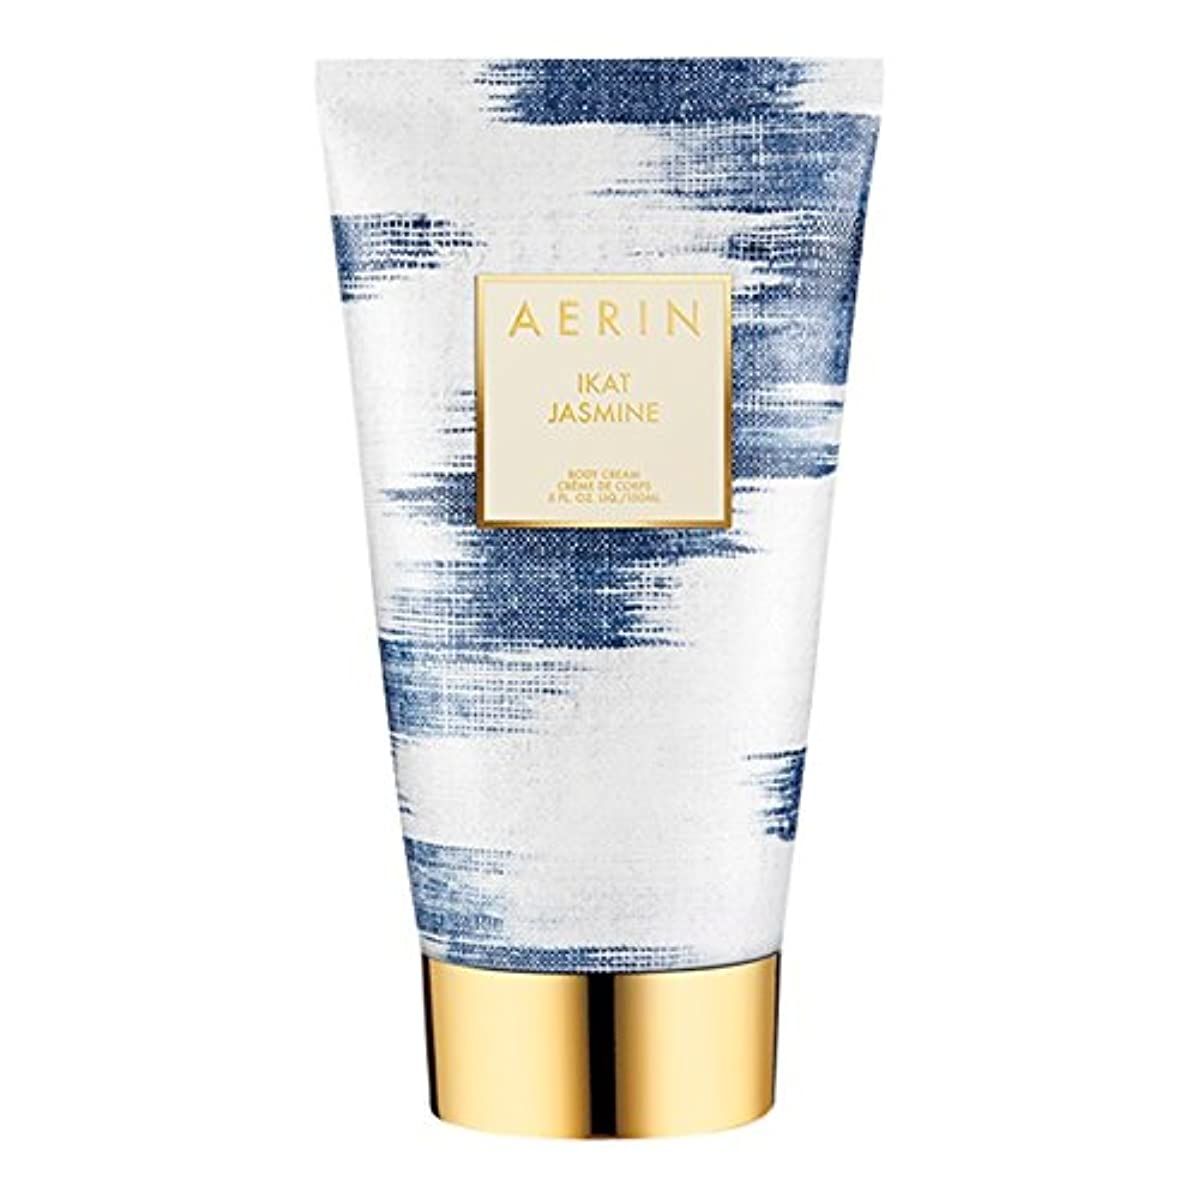 解明する次有料Aerinイカットジャスミンボディクリーム150ミリリットル (AERIN) (x6) - AERIN Ikat Jasmine Body Cream 150ml (Pack of 6) [並行輸入品]